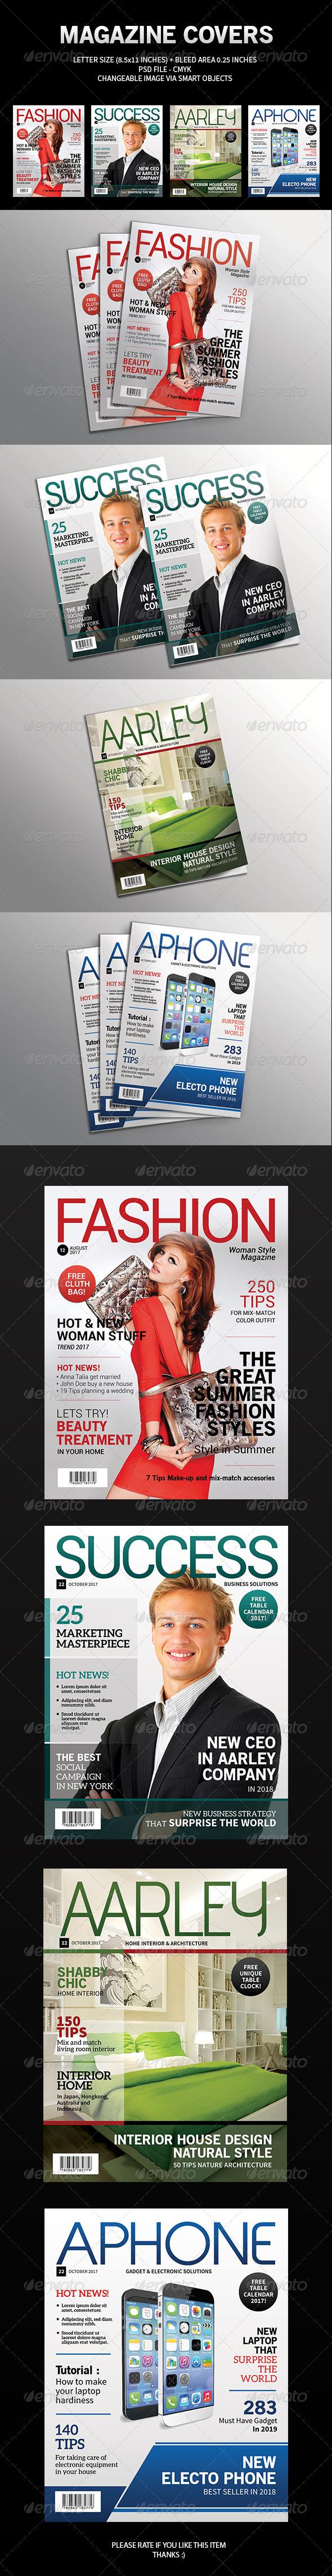 GraphicRiver Magazine Cover Template 7586803